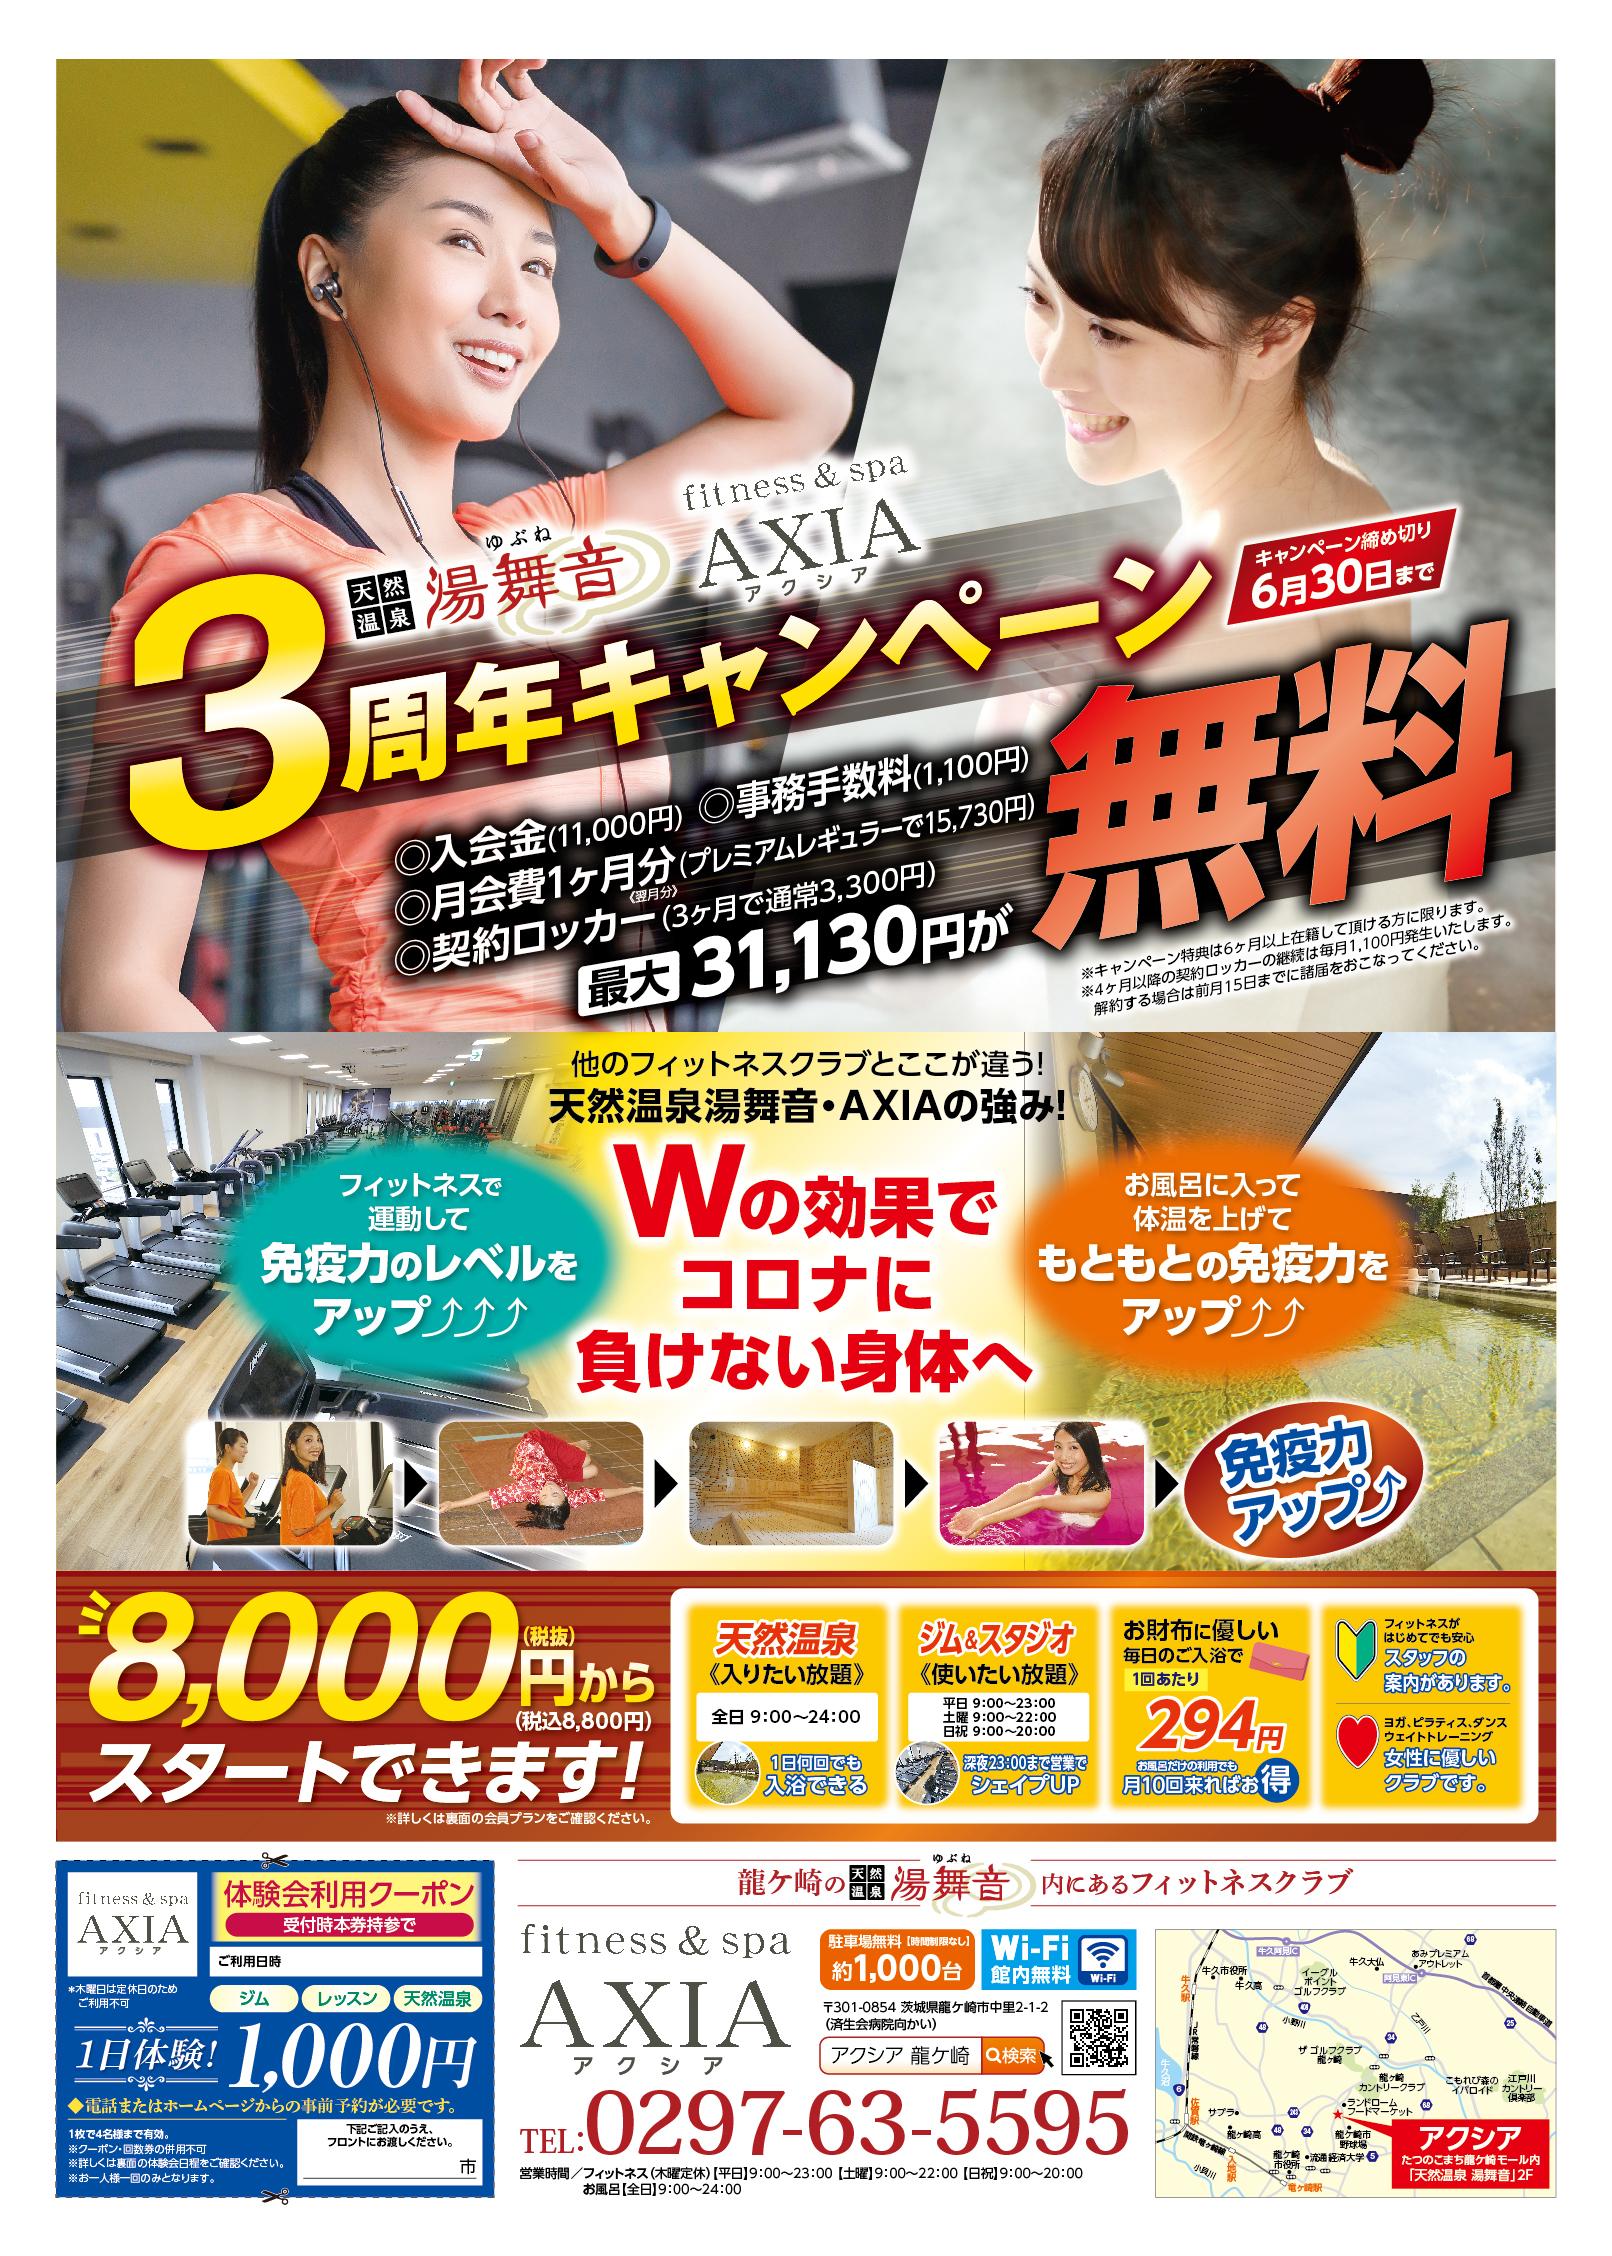 フィットネス3周年入会キャンペーン!